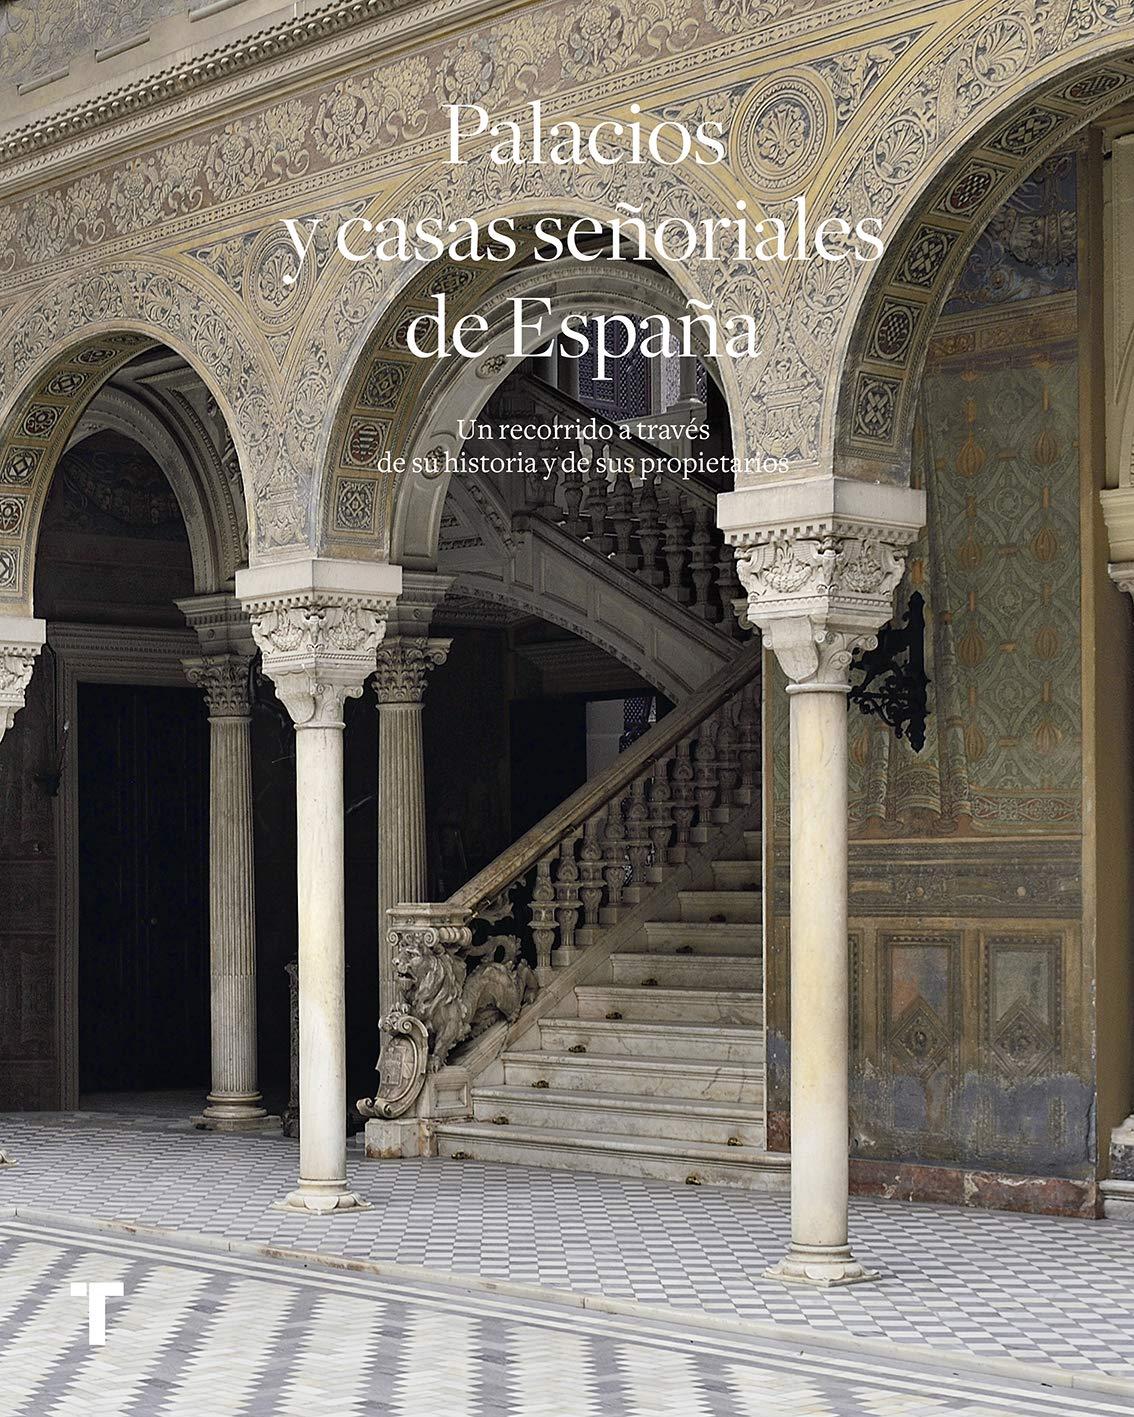 Palacios y casas señoriales de España: Un recorrido a través de su historia y sus propietarios Arte y Foto: Amazon.es: González-Varas, Ignacio: Libros